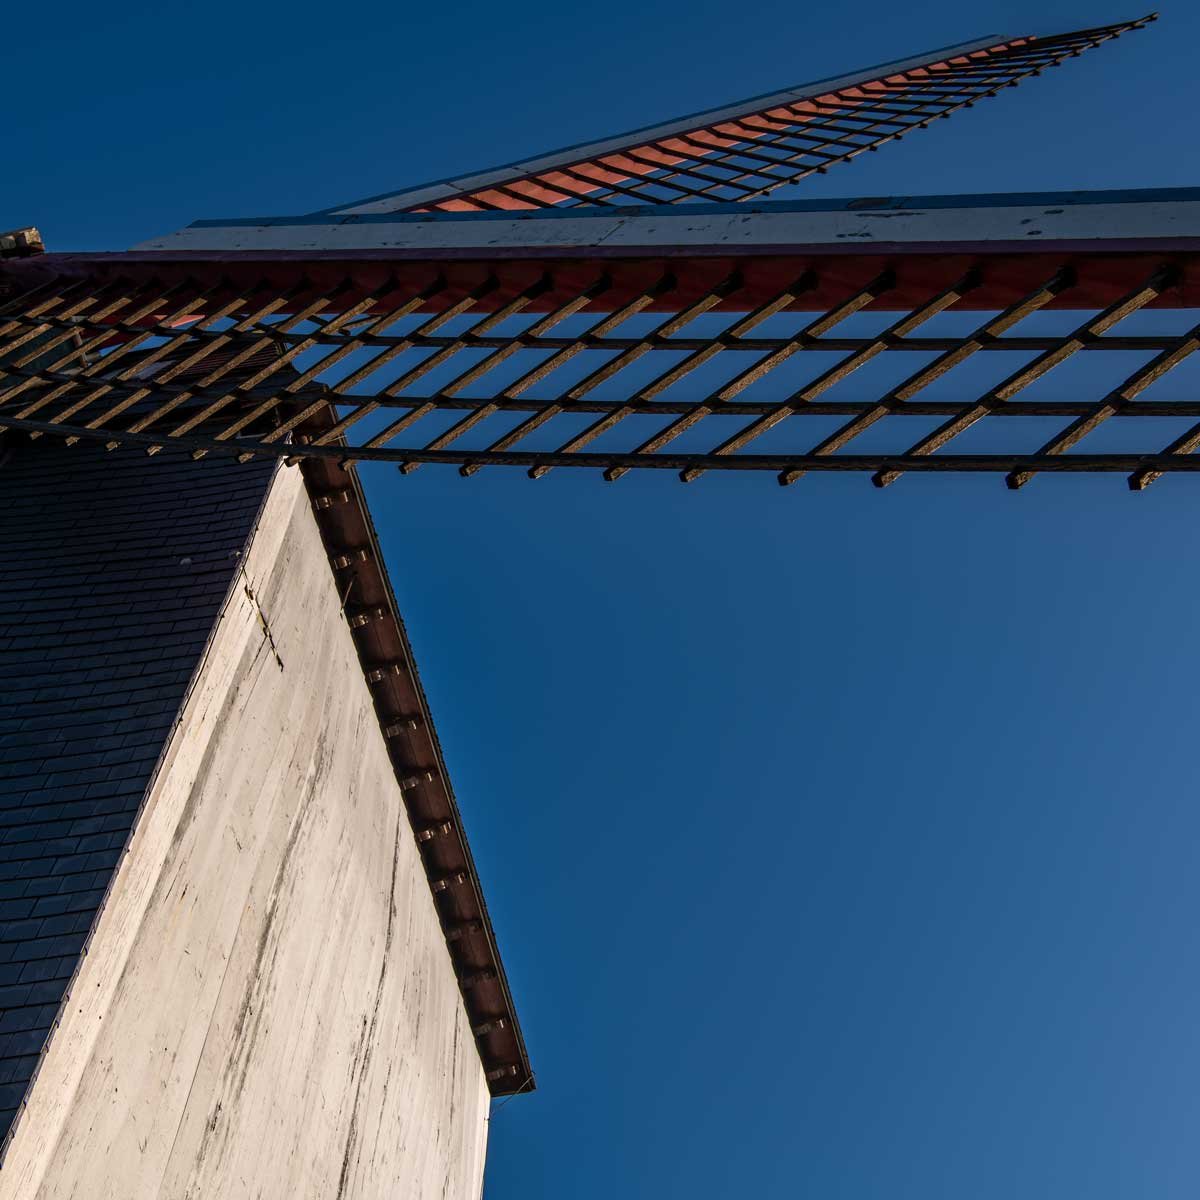 Am Über des kanals stehen mehrere Windmühlen.